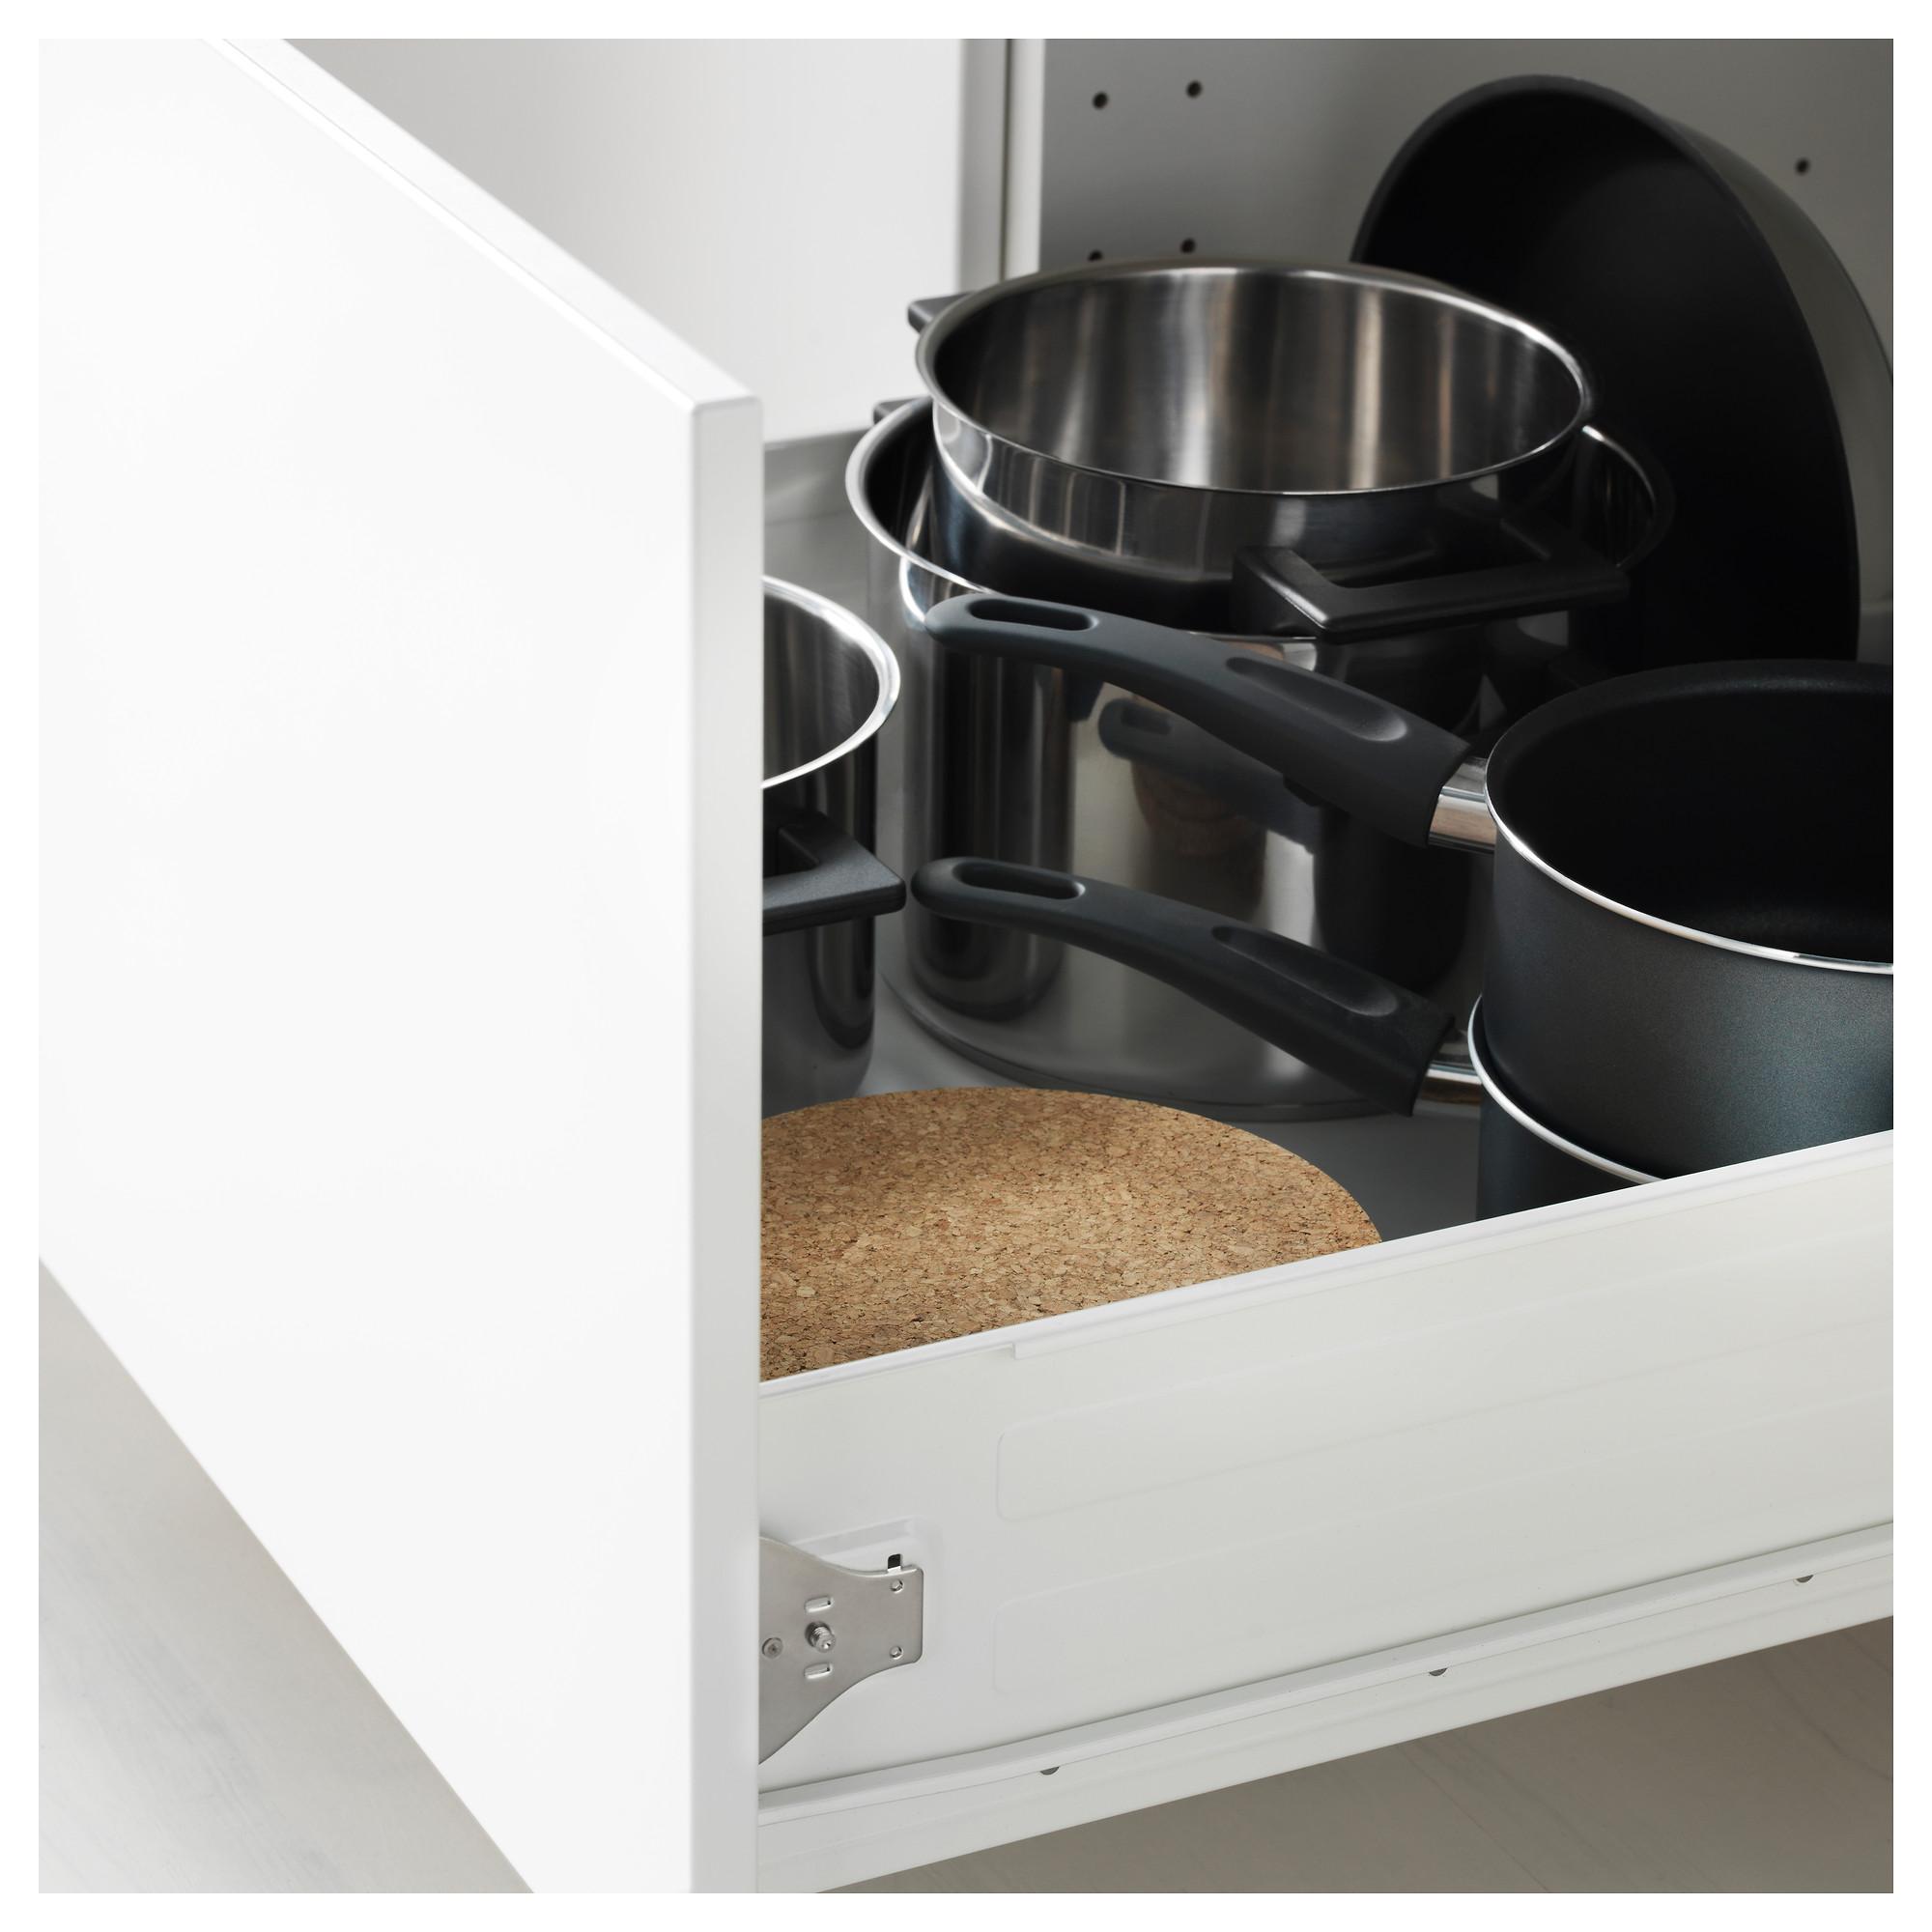 Высокий шкаф для духовки, дверца, 4 ящика МЕТОД / ФОРВАРА черный артикуль № 892.618.38 в наличии. Онлайн сайт ИКЕА РБ. Быстрая доставка и соборка.